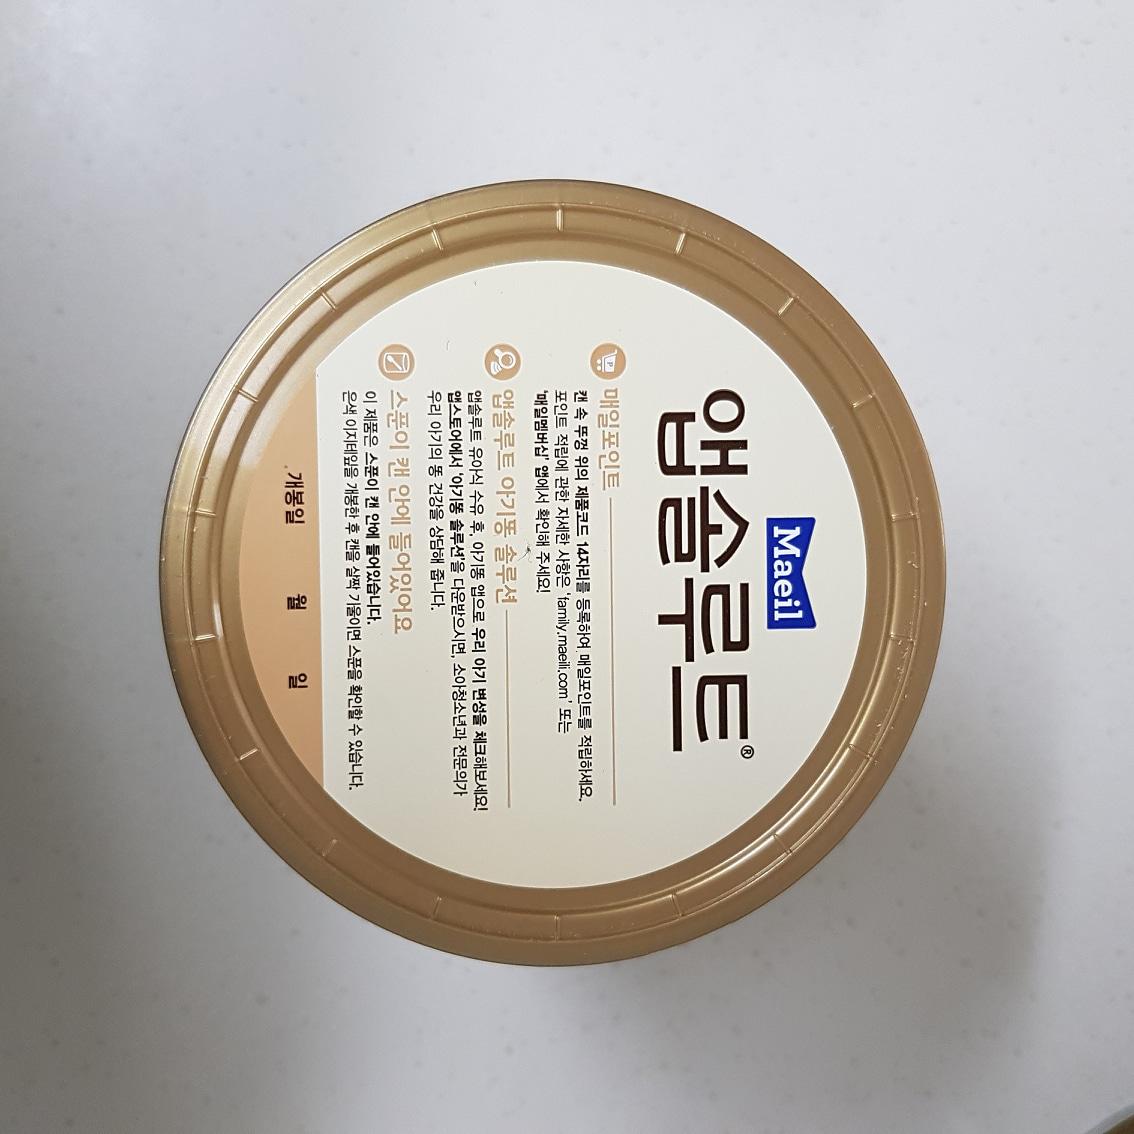 미개봉 새상품 앱솔루트 명작 1단계 400g 1캔